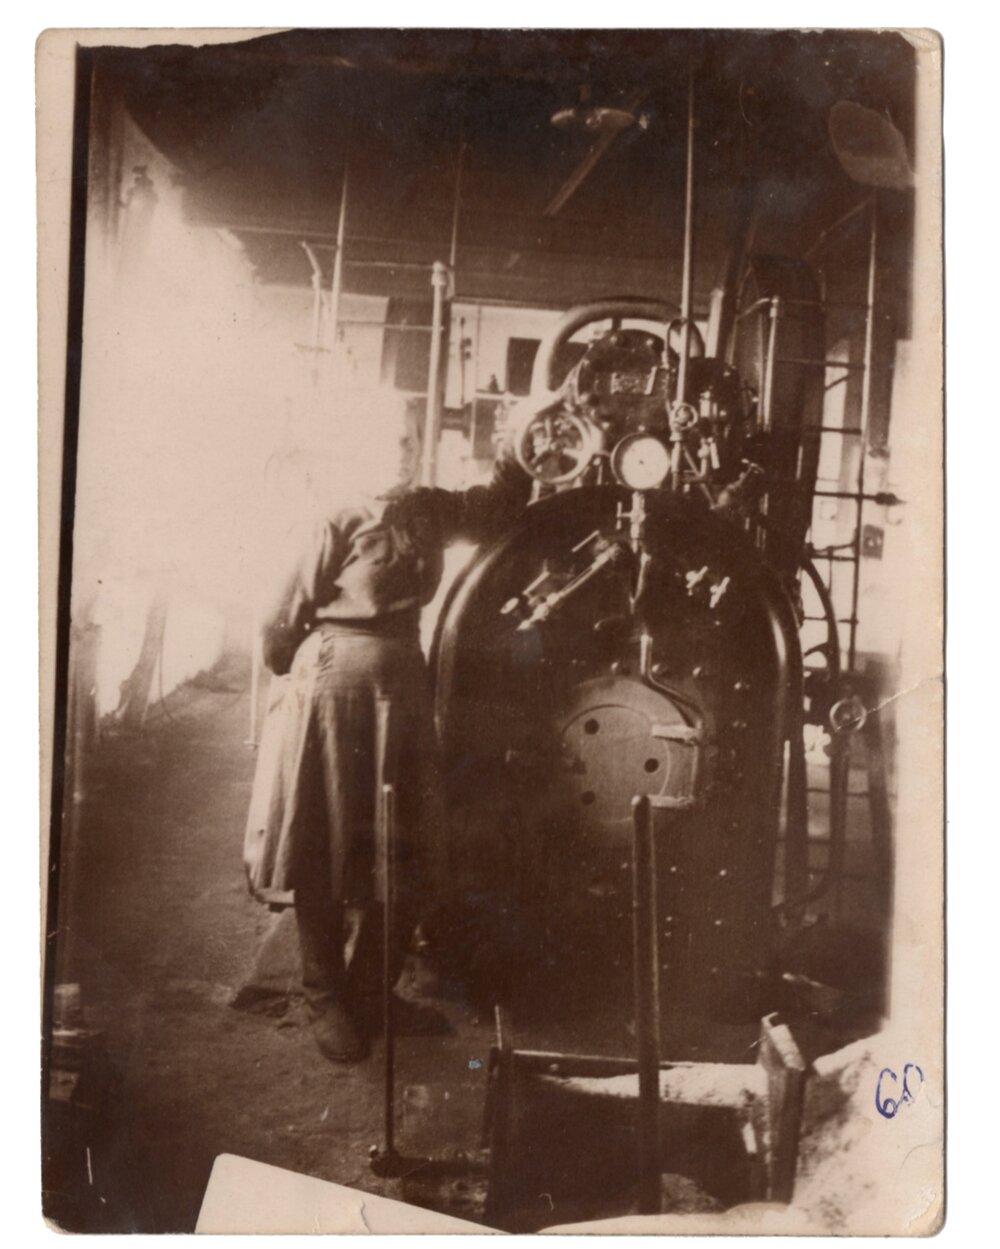 Ганна Іванцова (Слупська) у перший робочий день на електростанції, поселення Алгач, 1960. Джерело: Меморіальний музей «Територія Терору»